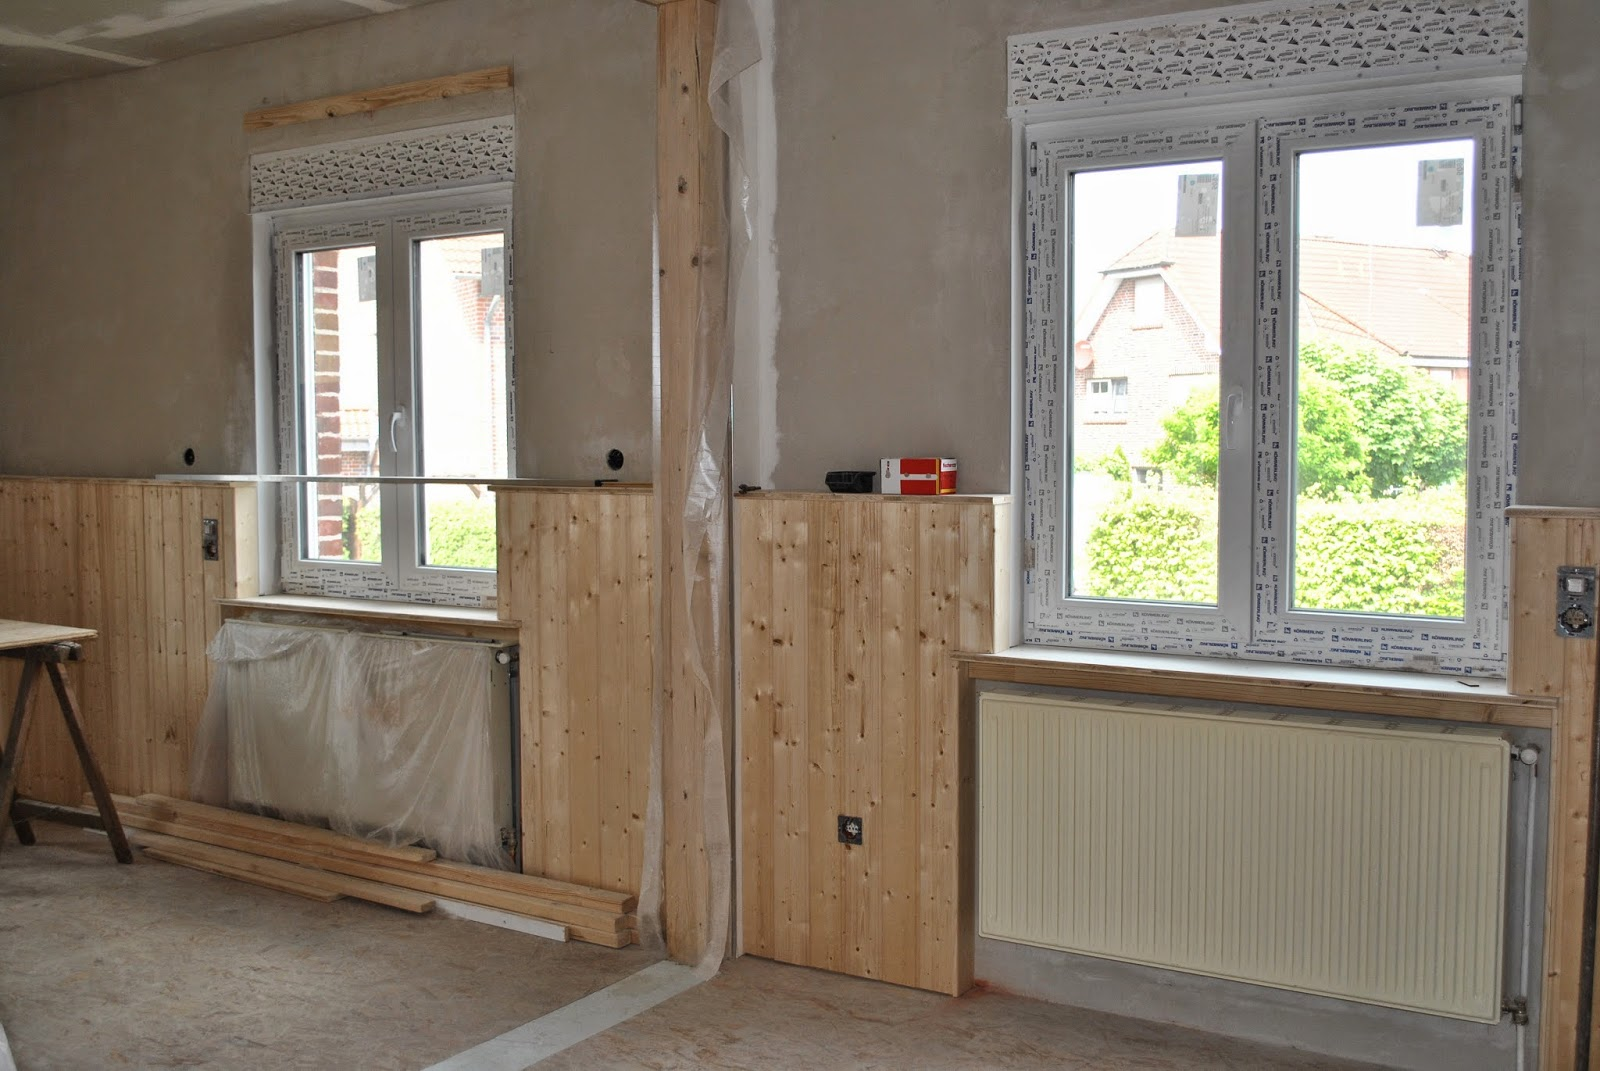 bines stoffwerkstatt kurz vorm ziel und gewinn. Black Bedroom Furniture Sets. Home Design Ideas